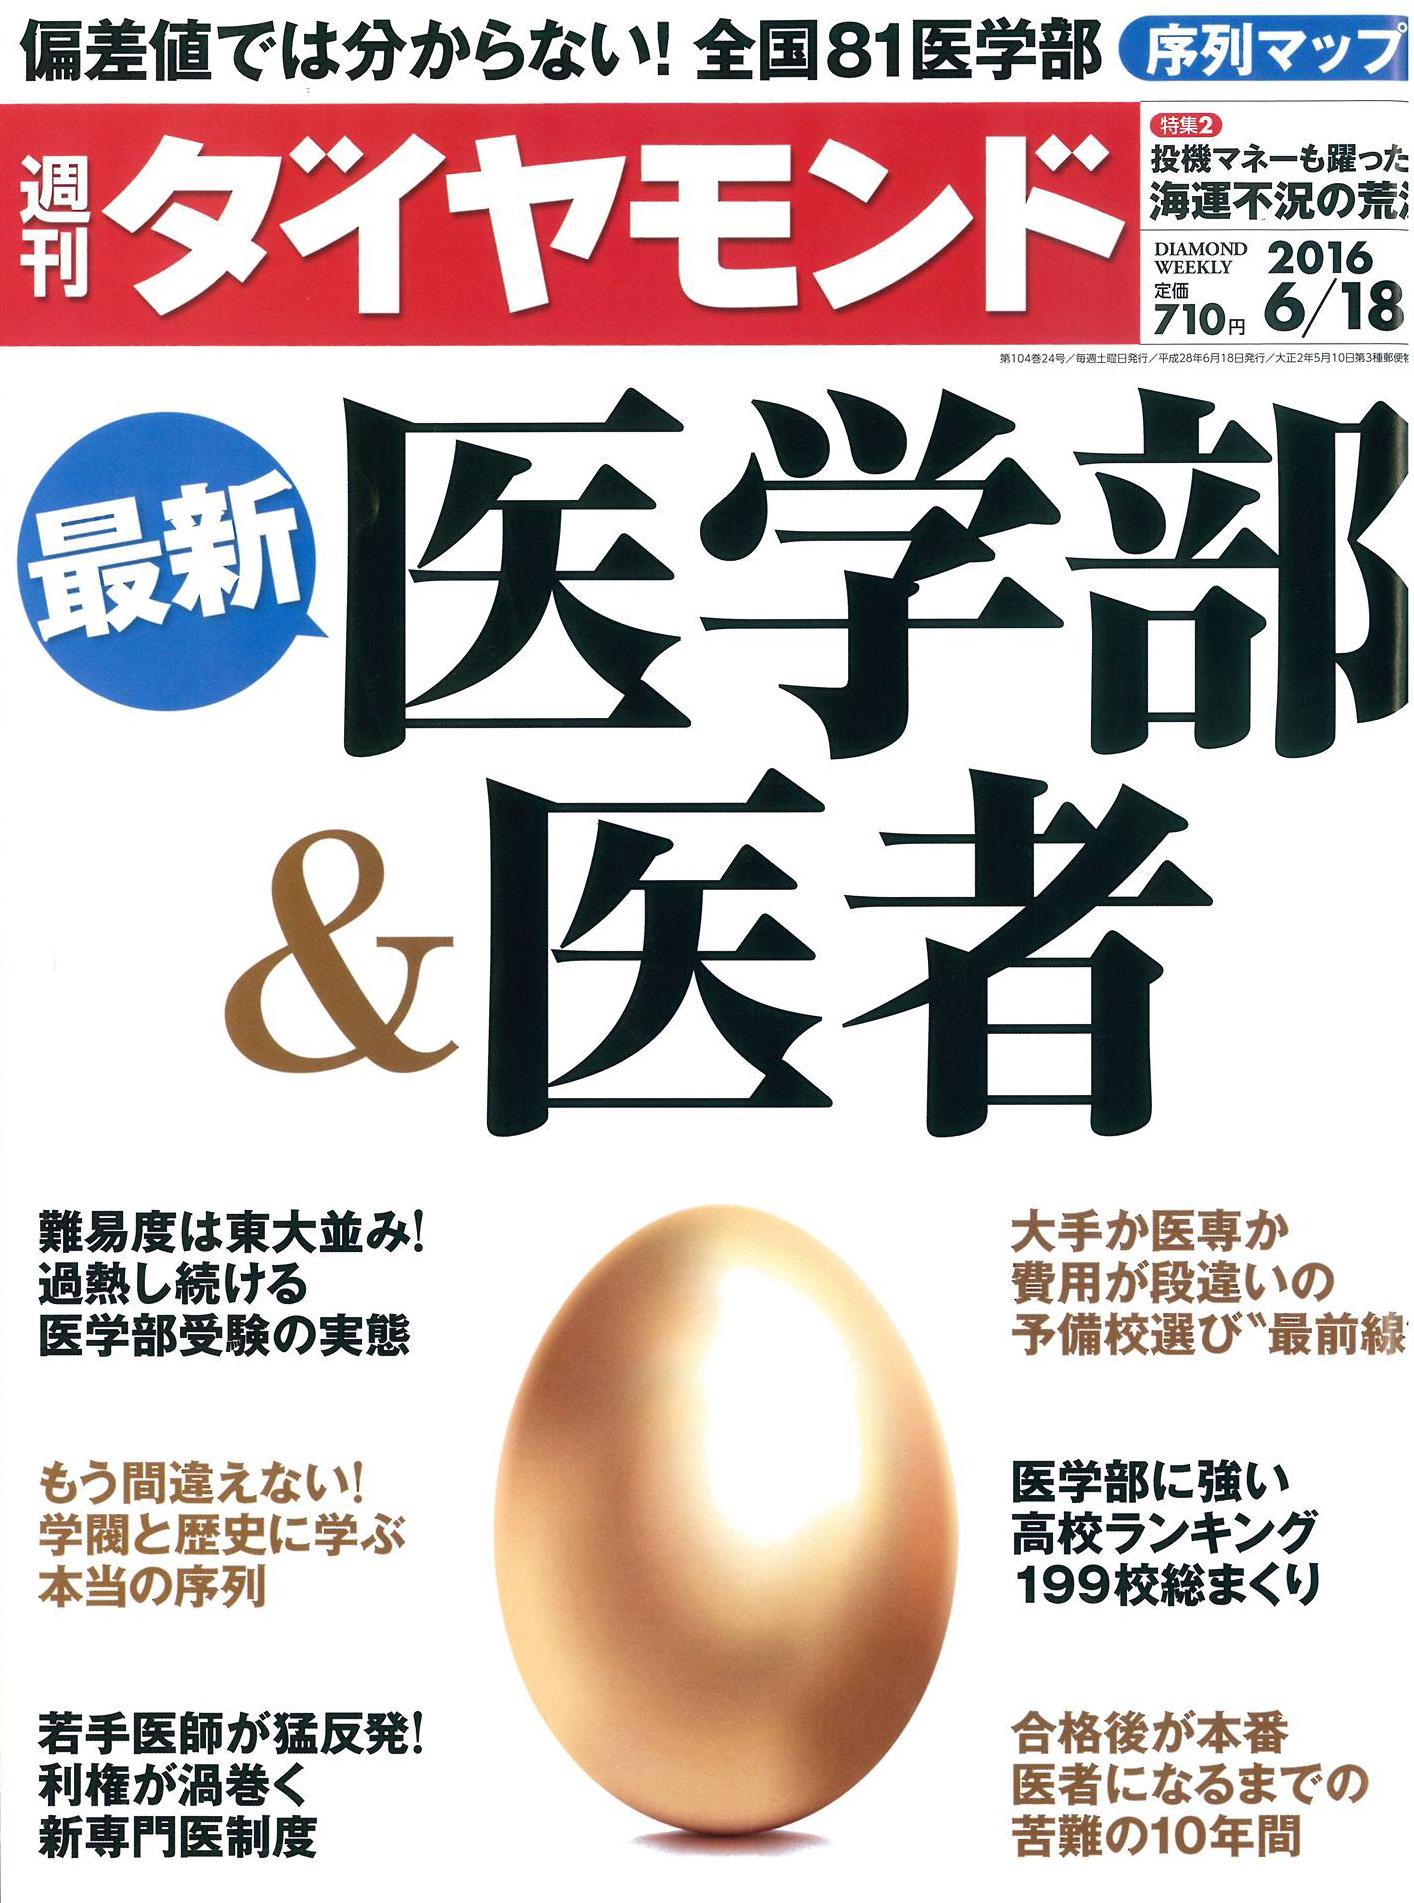 週刊ダイヤモンド 特集 最新医学部&医者